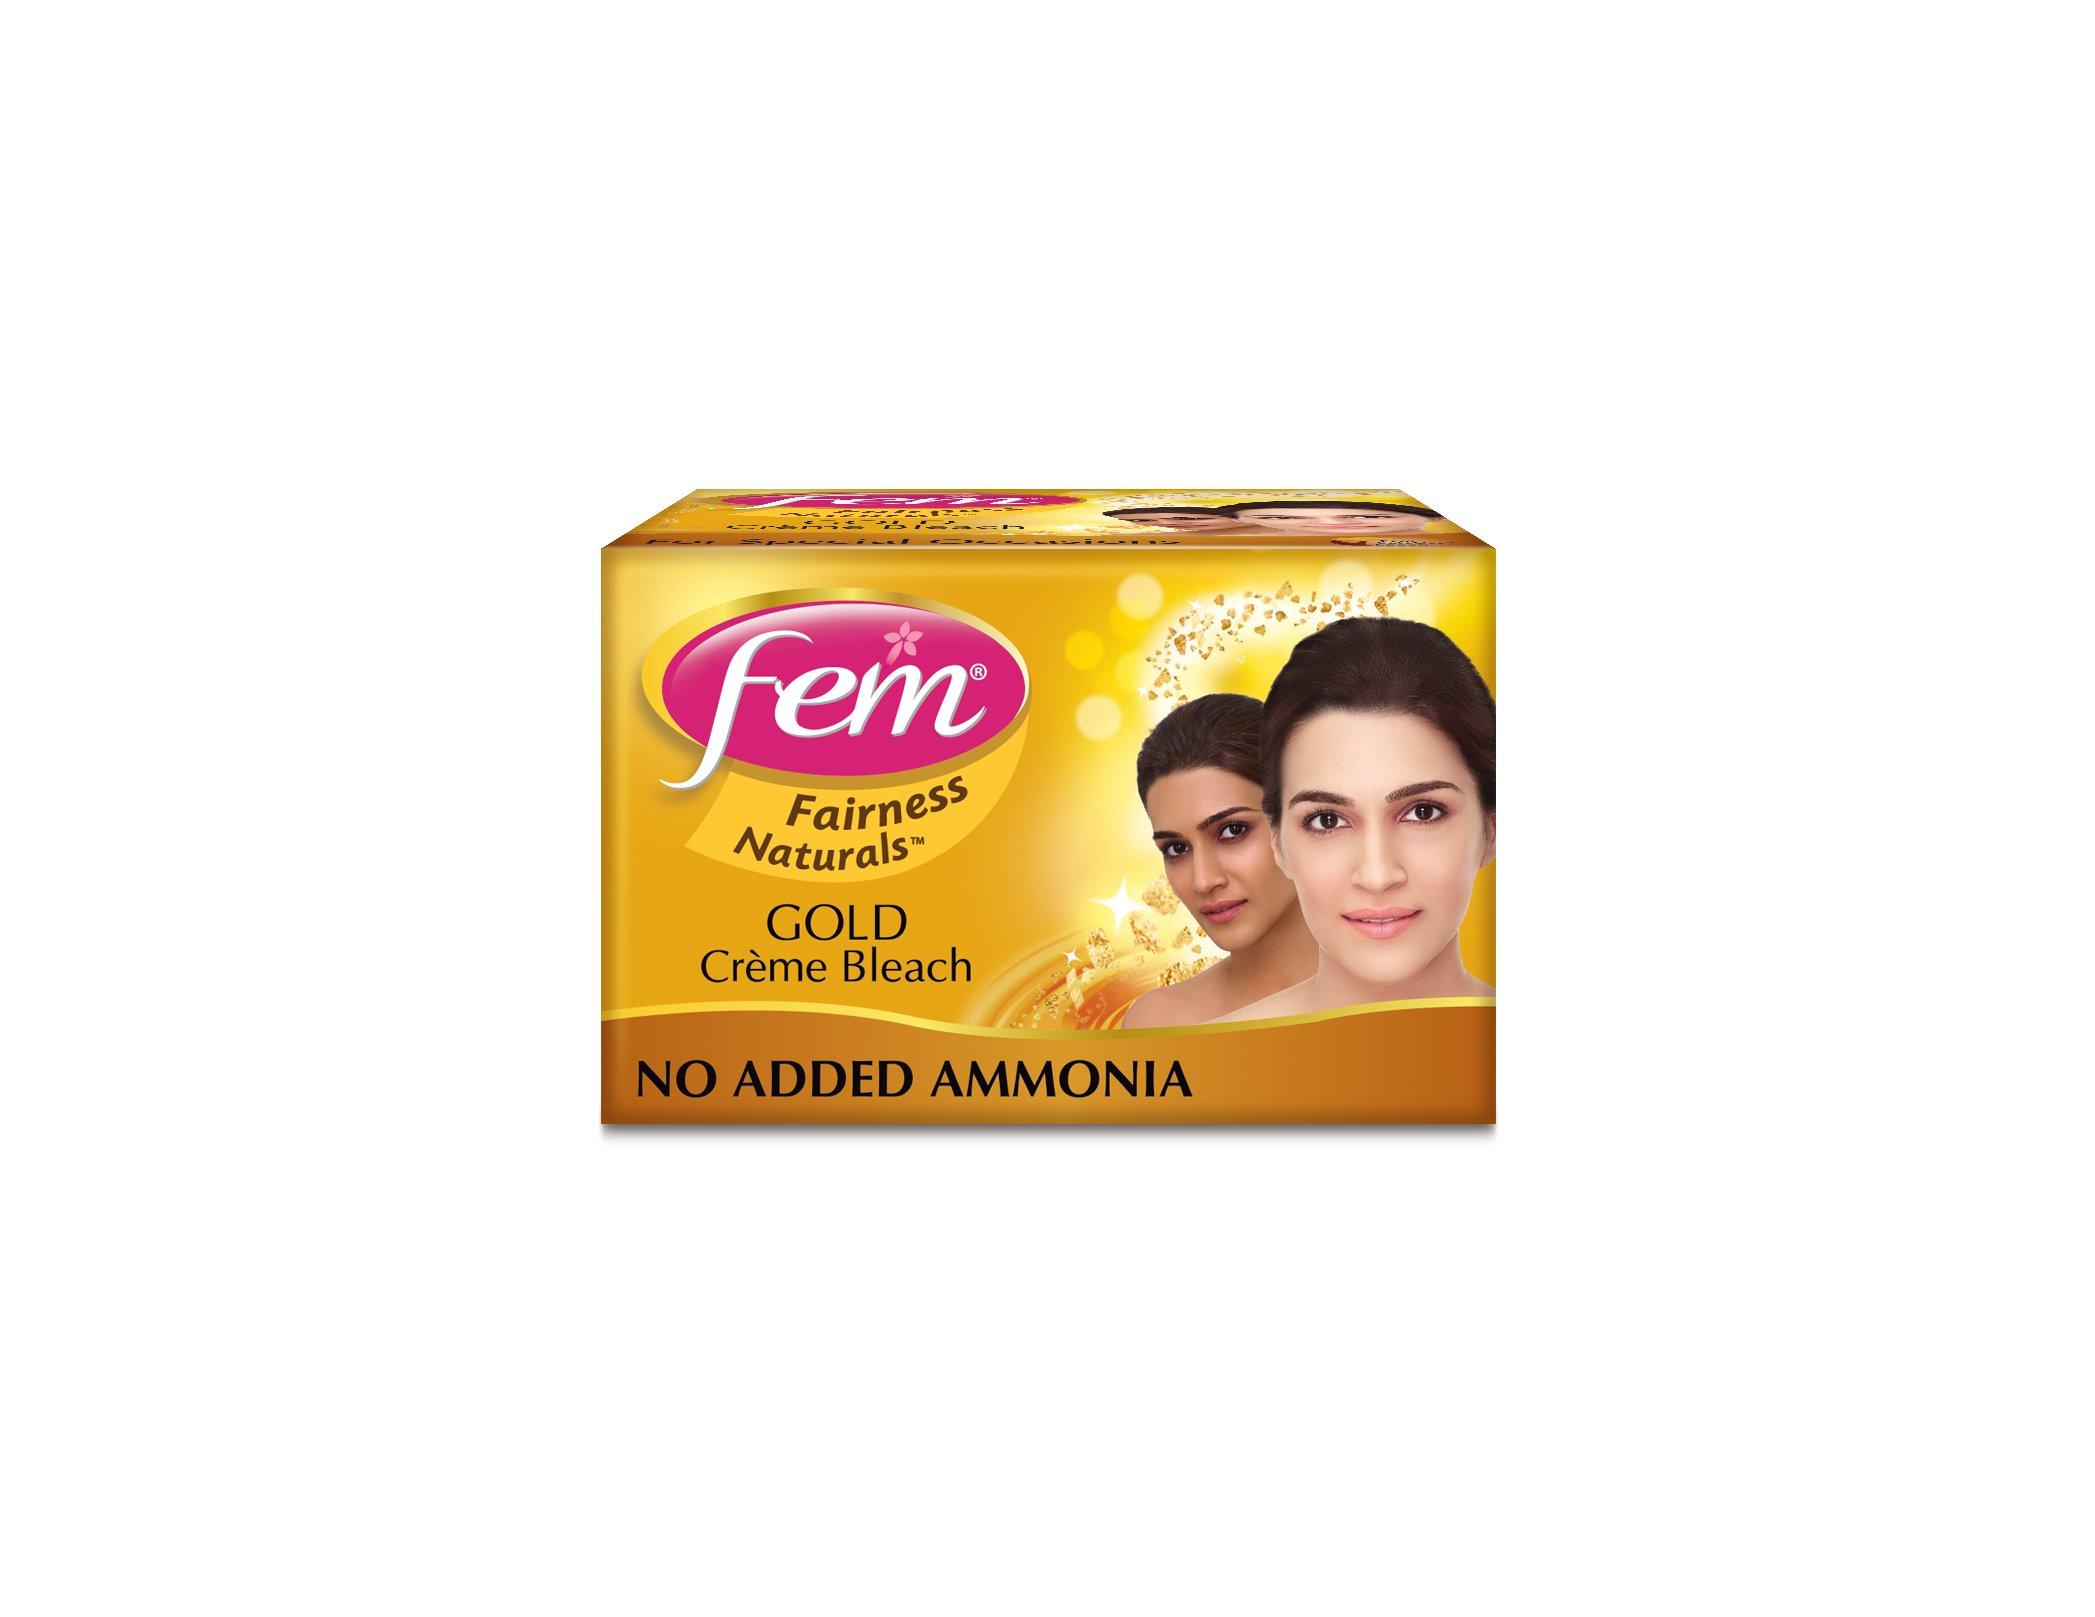 Fem Fairness Naturals Gold Skin Bleach, 314.4g product image